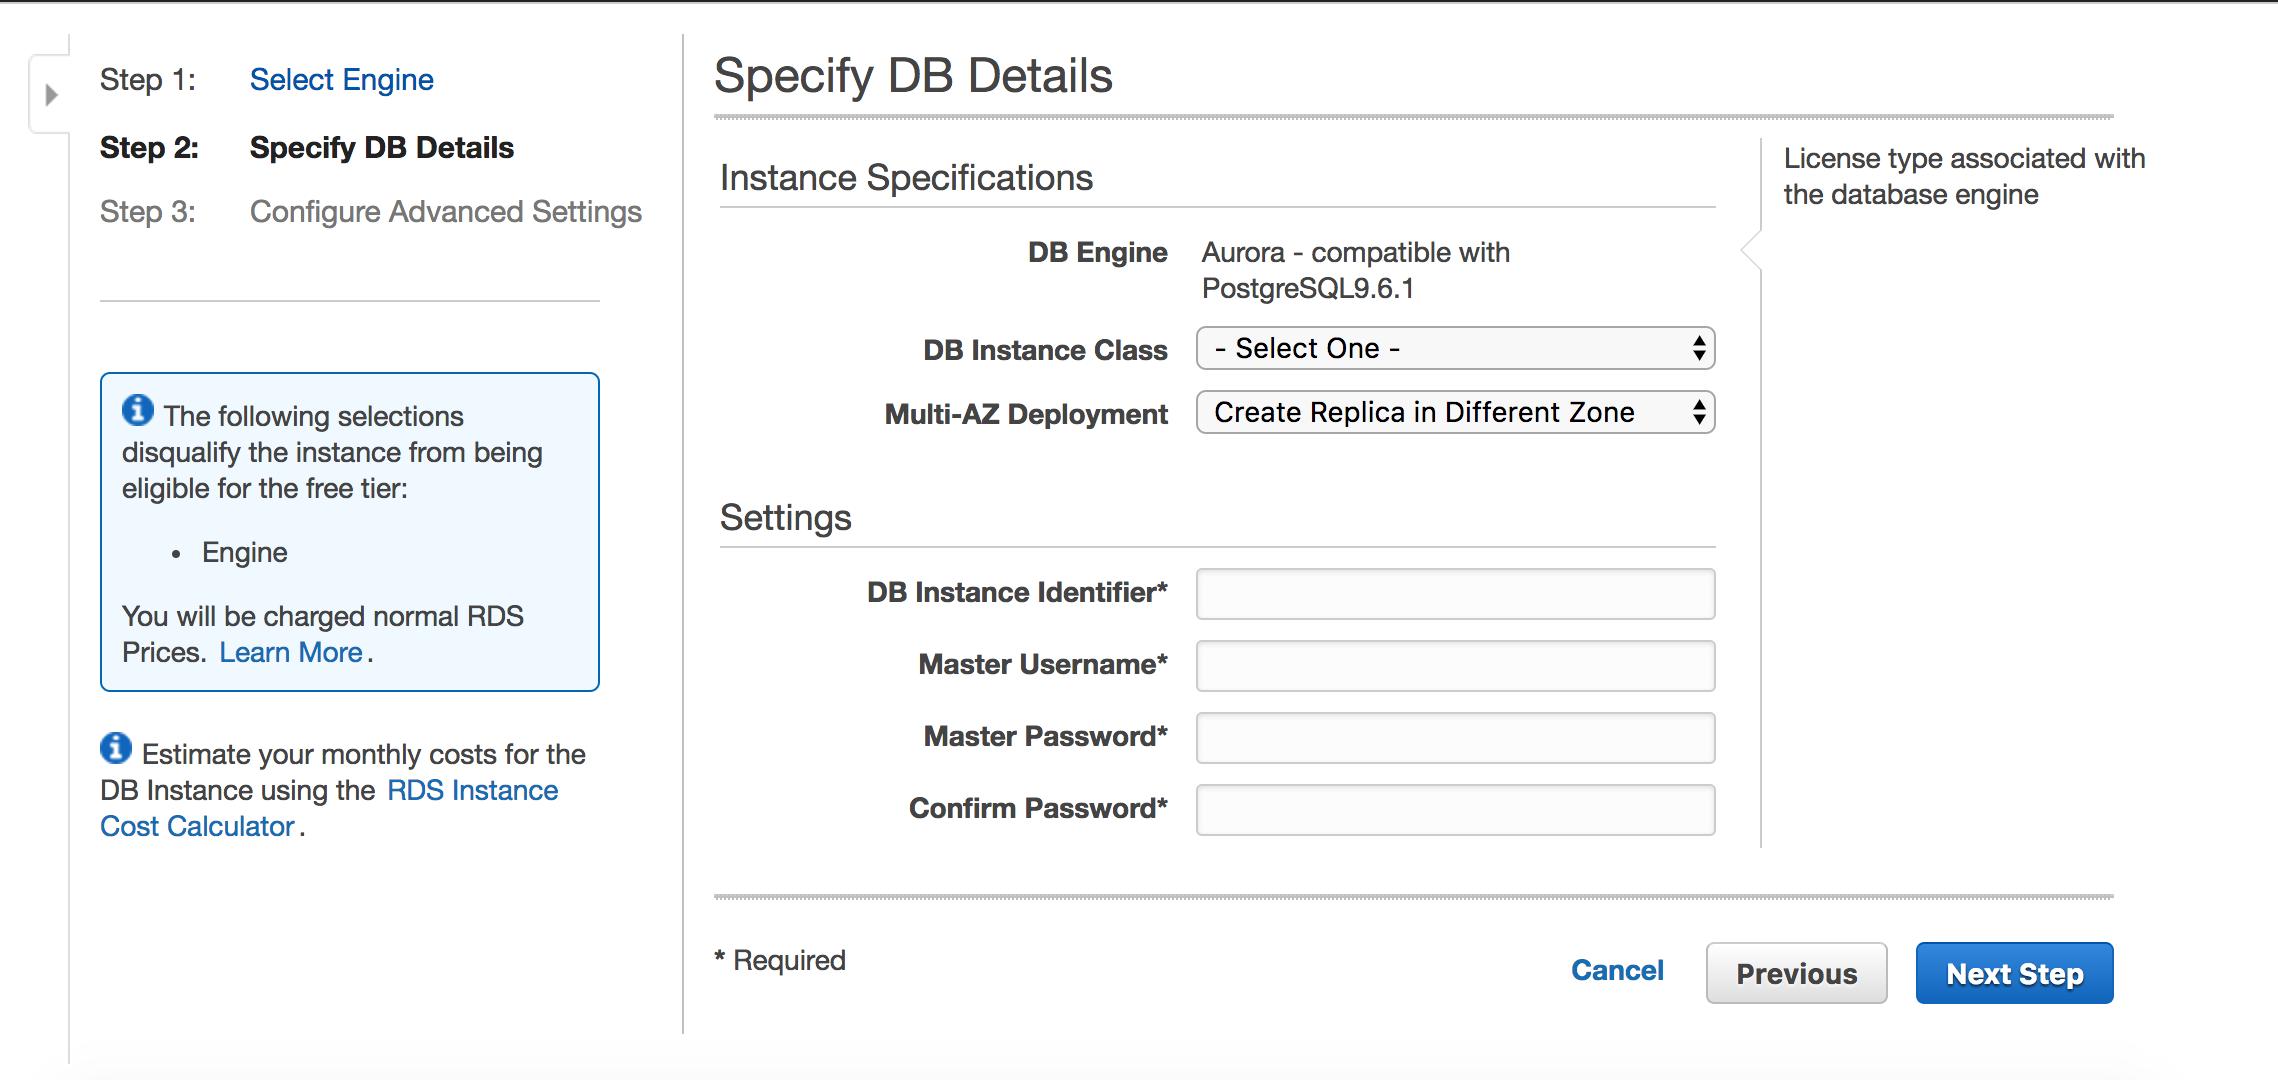 パブリックプレビューなPostgreSQL互換Amazon Auroraにアクセスしてみた